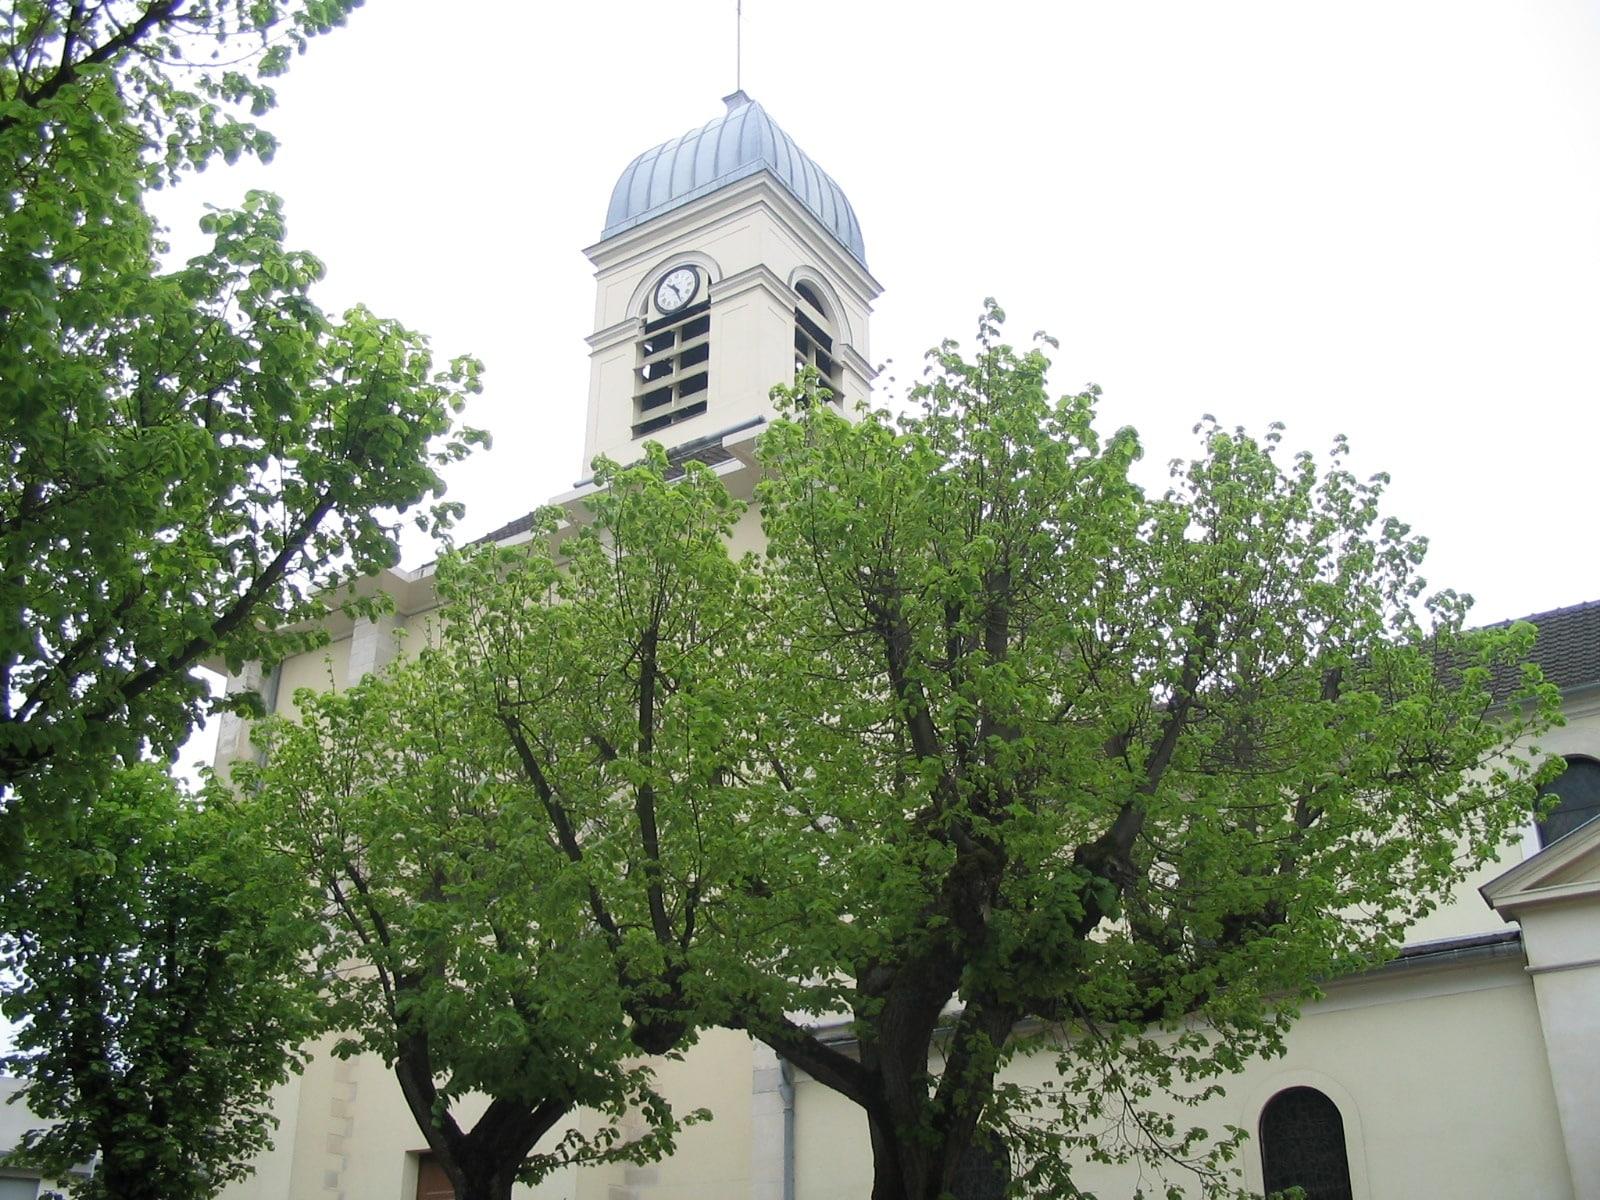 Eglise-de-Valenton